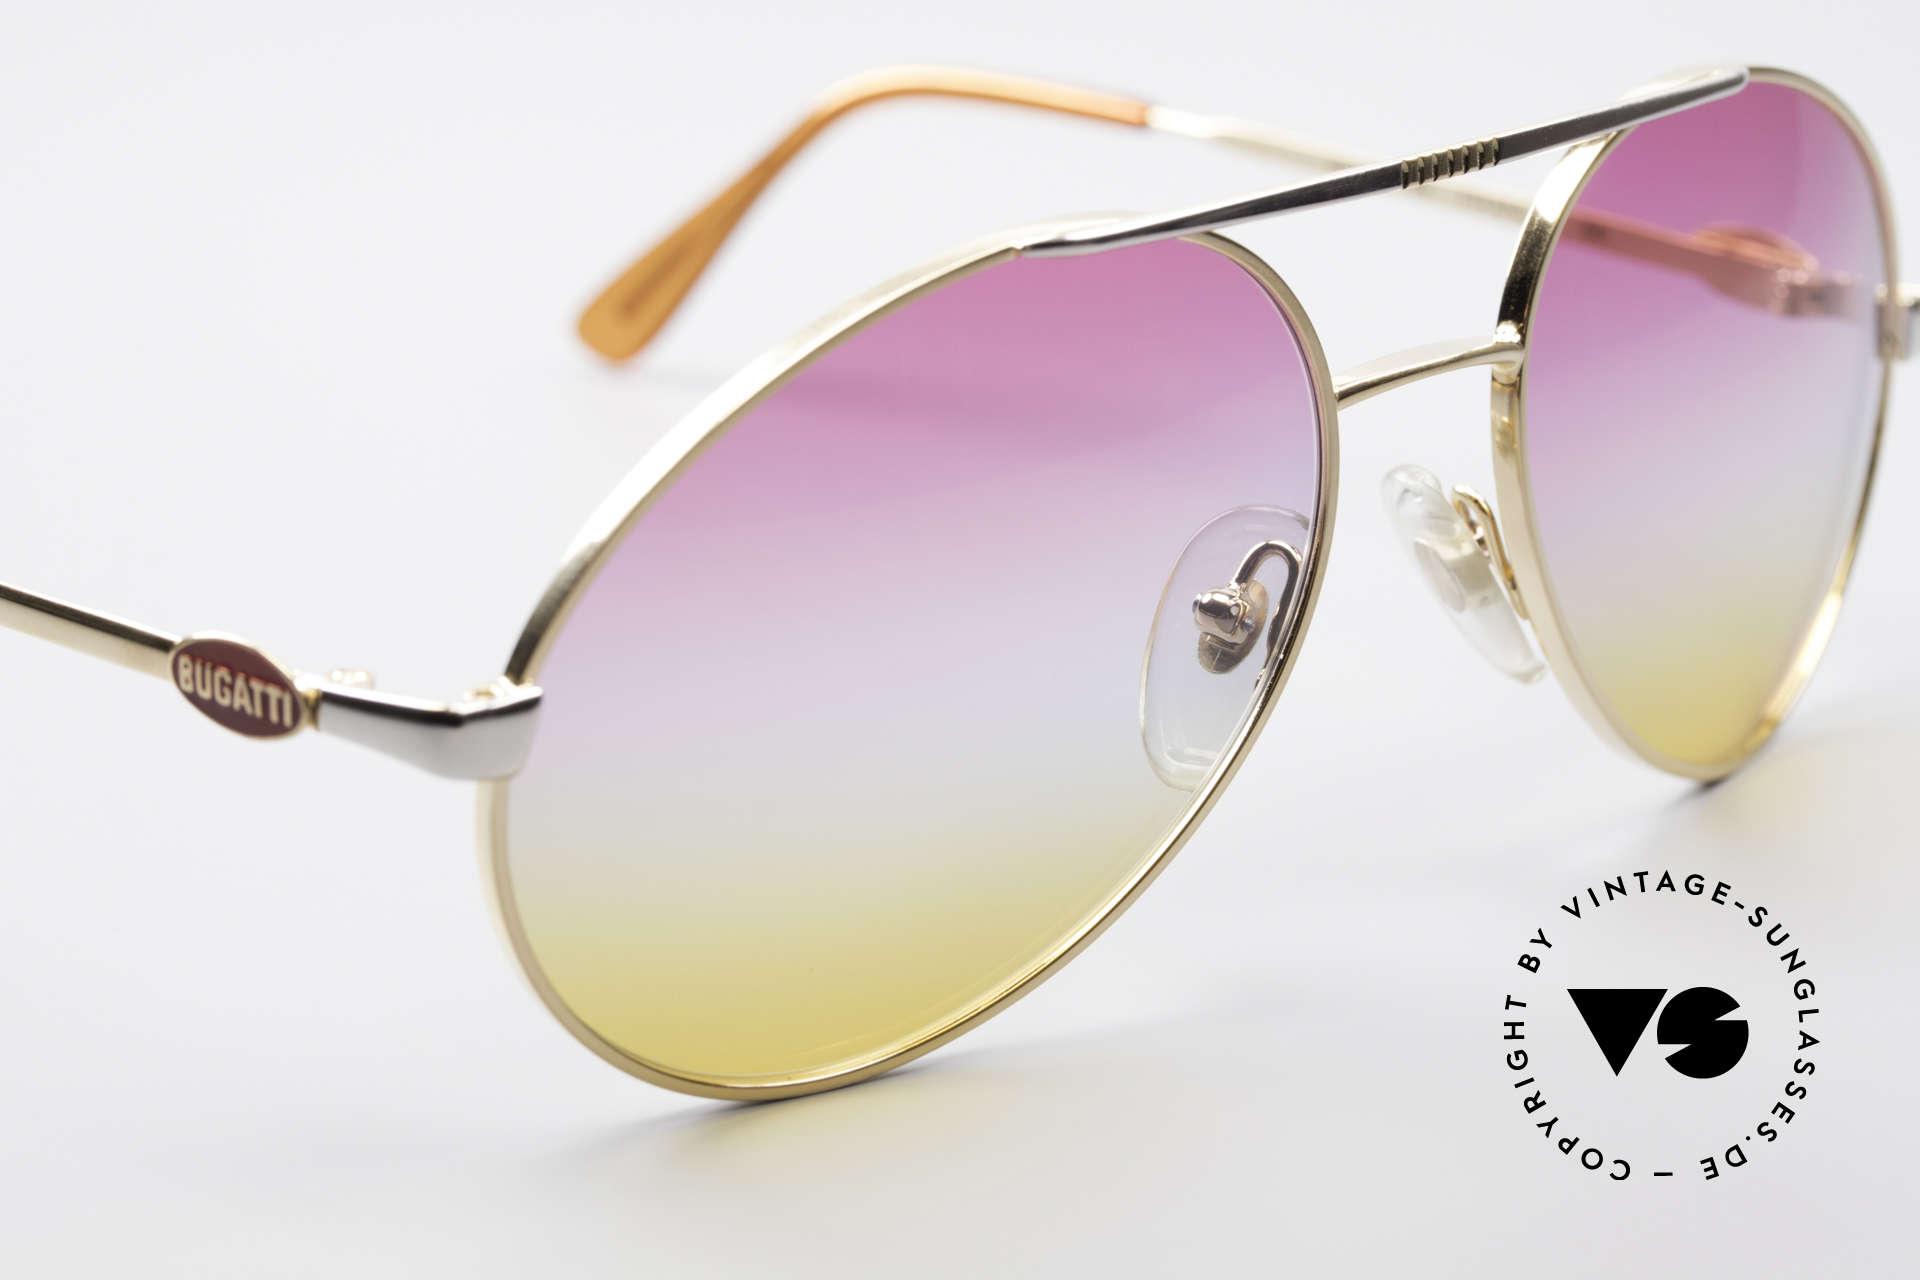 Bugatti 64320 Rare 80er Sonnenbrille Vintage, KEINE RETROBRILLE; eine alte Original-Brille!, Passend für Herren